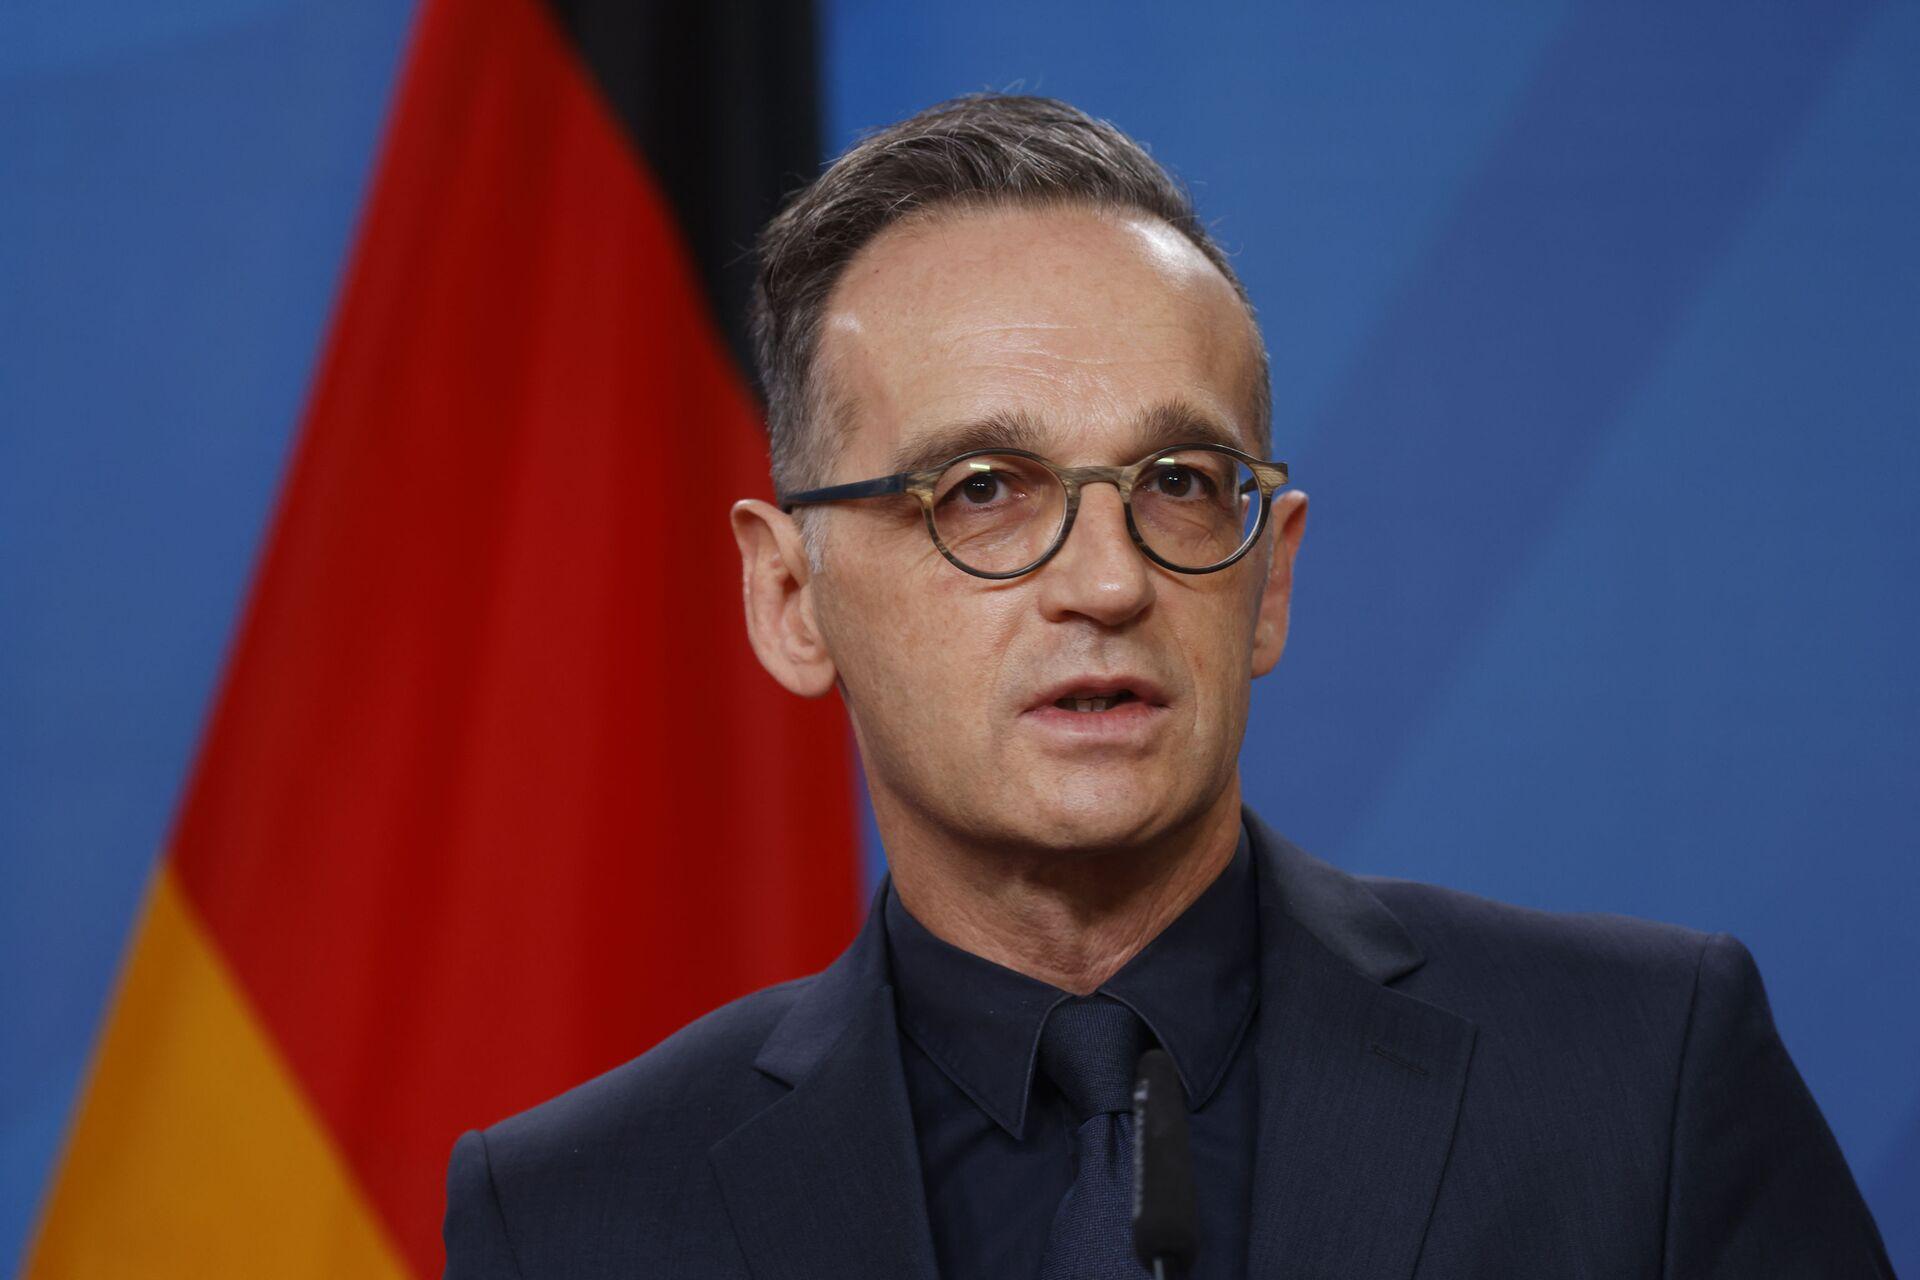 Немачка не може да натера ЕУ да спроводи захтеве Америке по питању Косова - Sputnik Србија, 1920, 03.03.2021